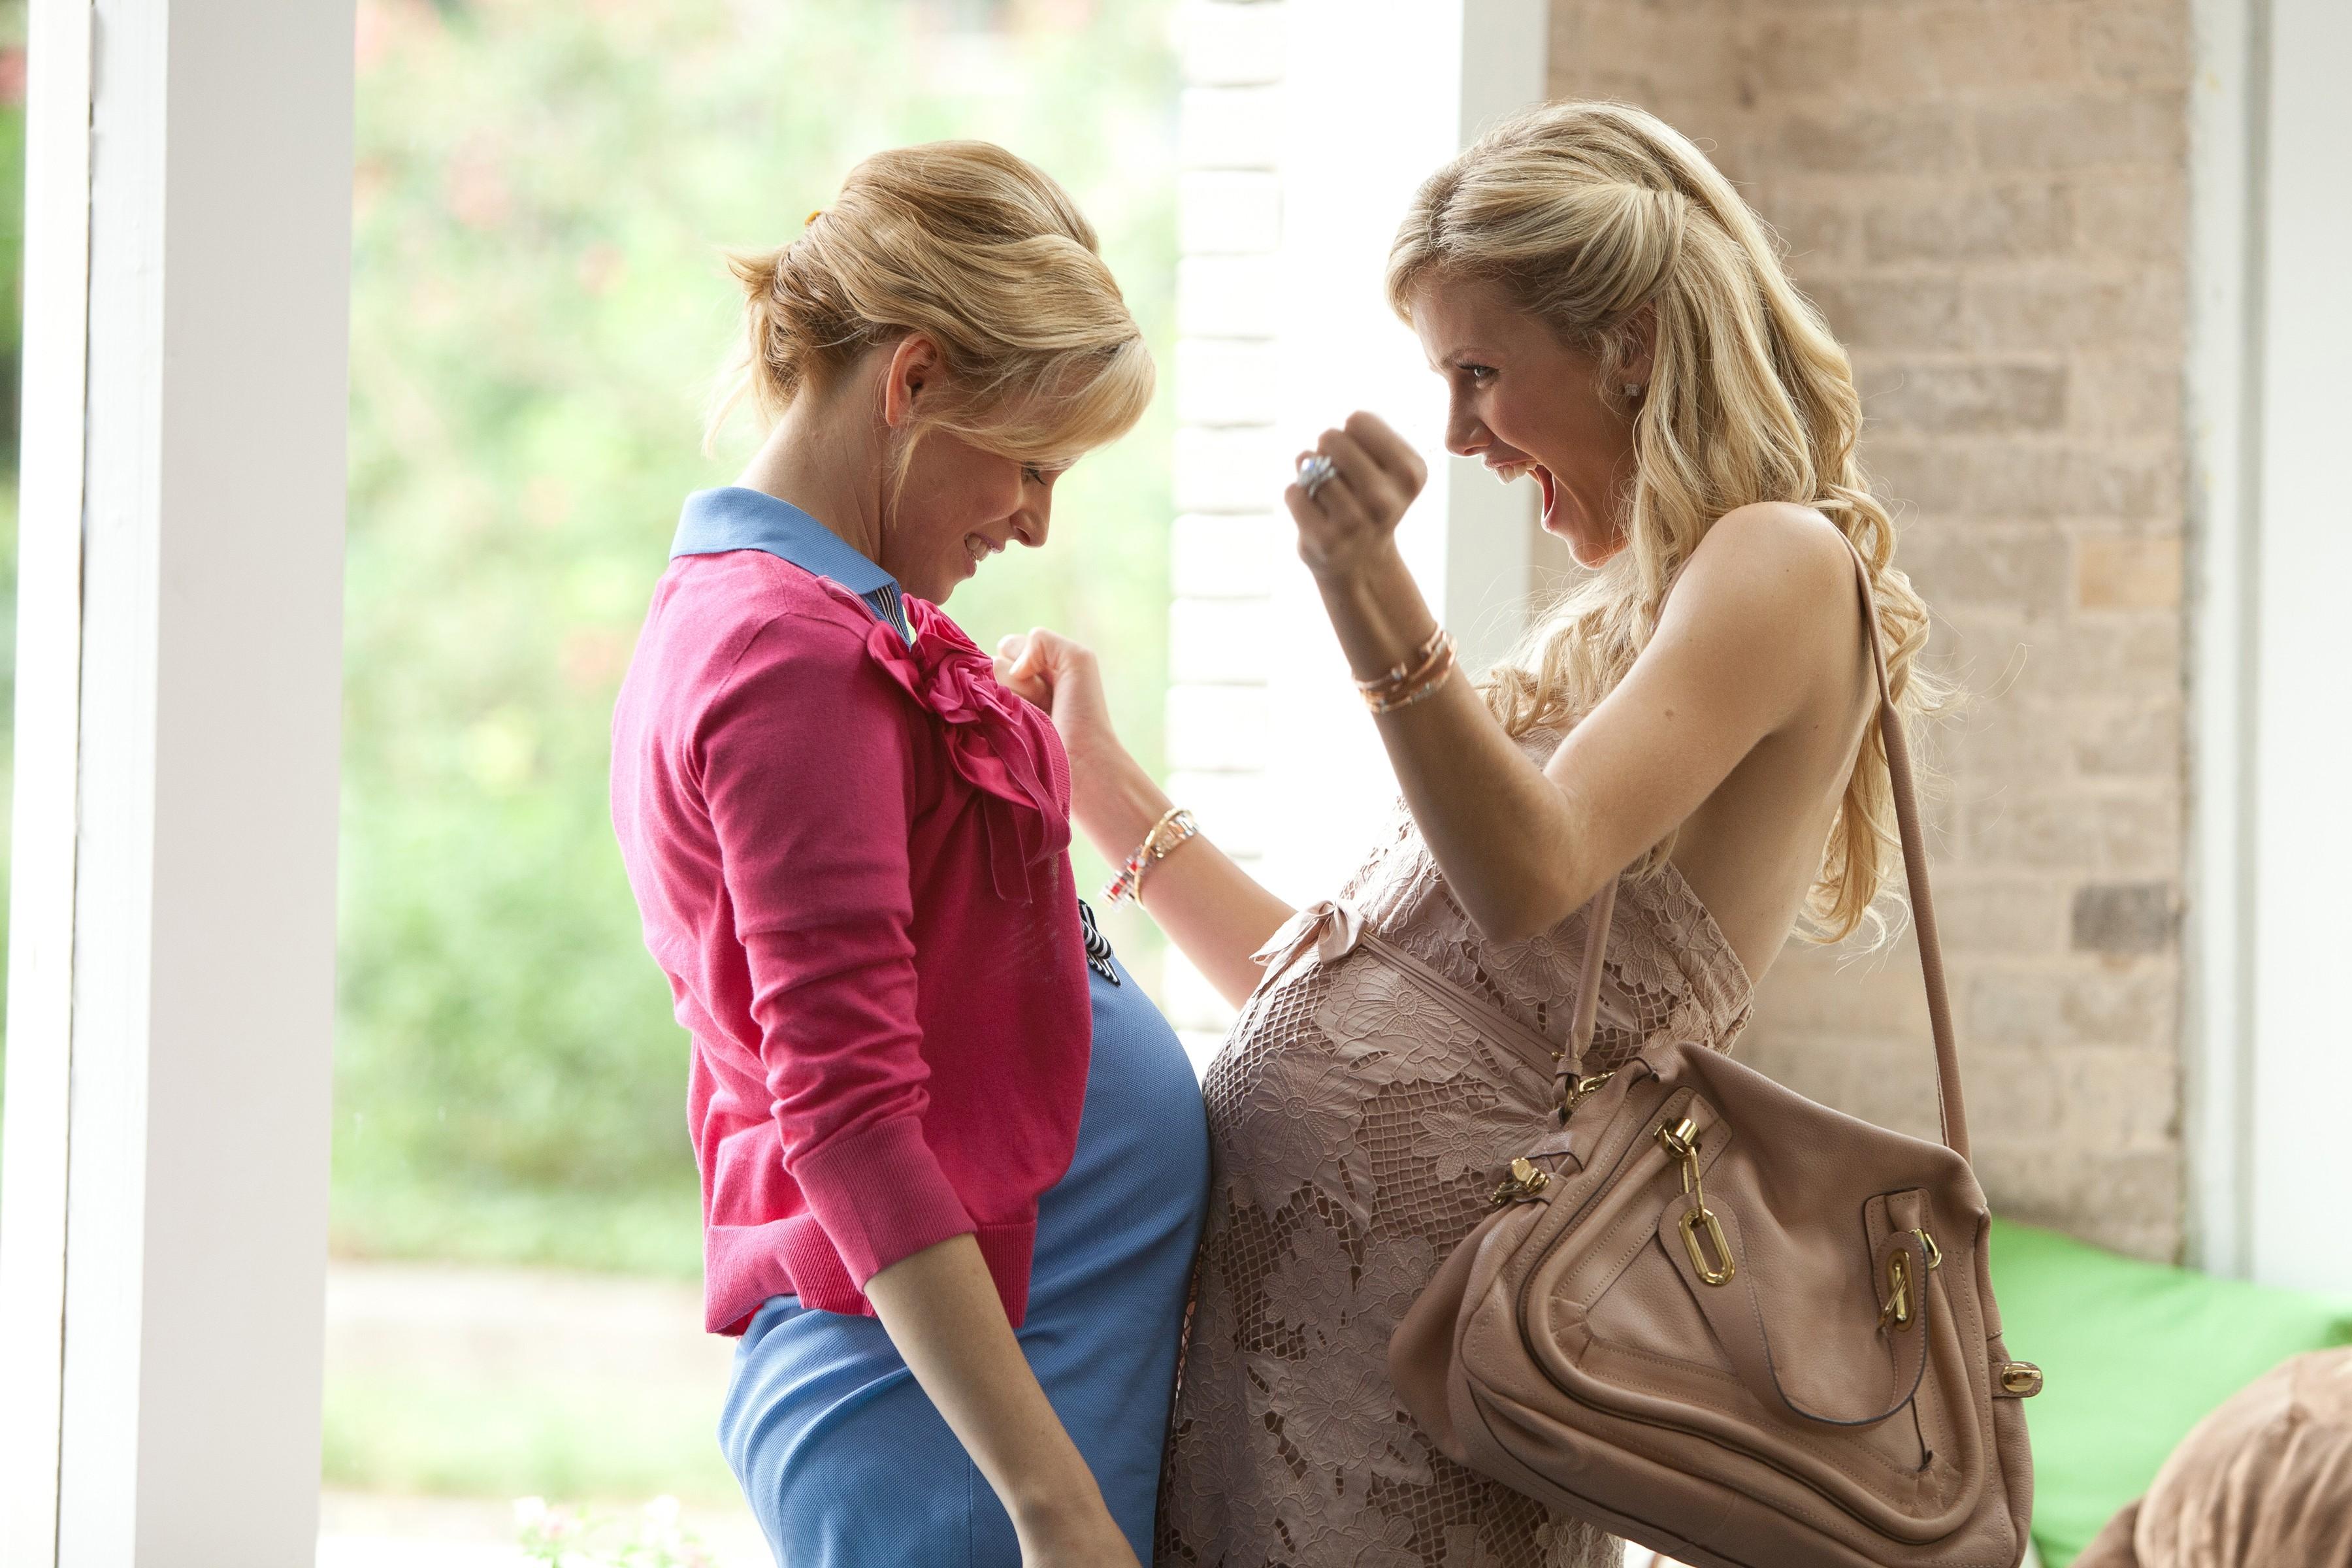 кадры из фильма Чего ждать, когда ждешь ребенка Элизабет Бэнкс, Бруклин Декер,